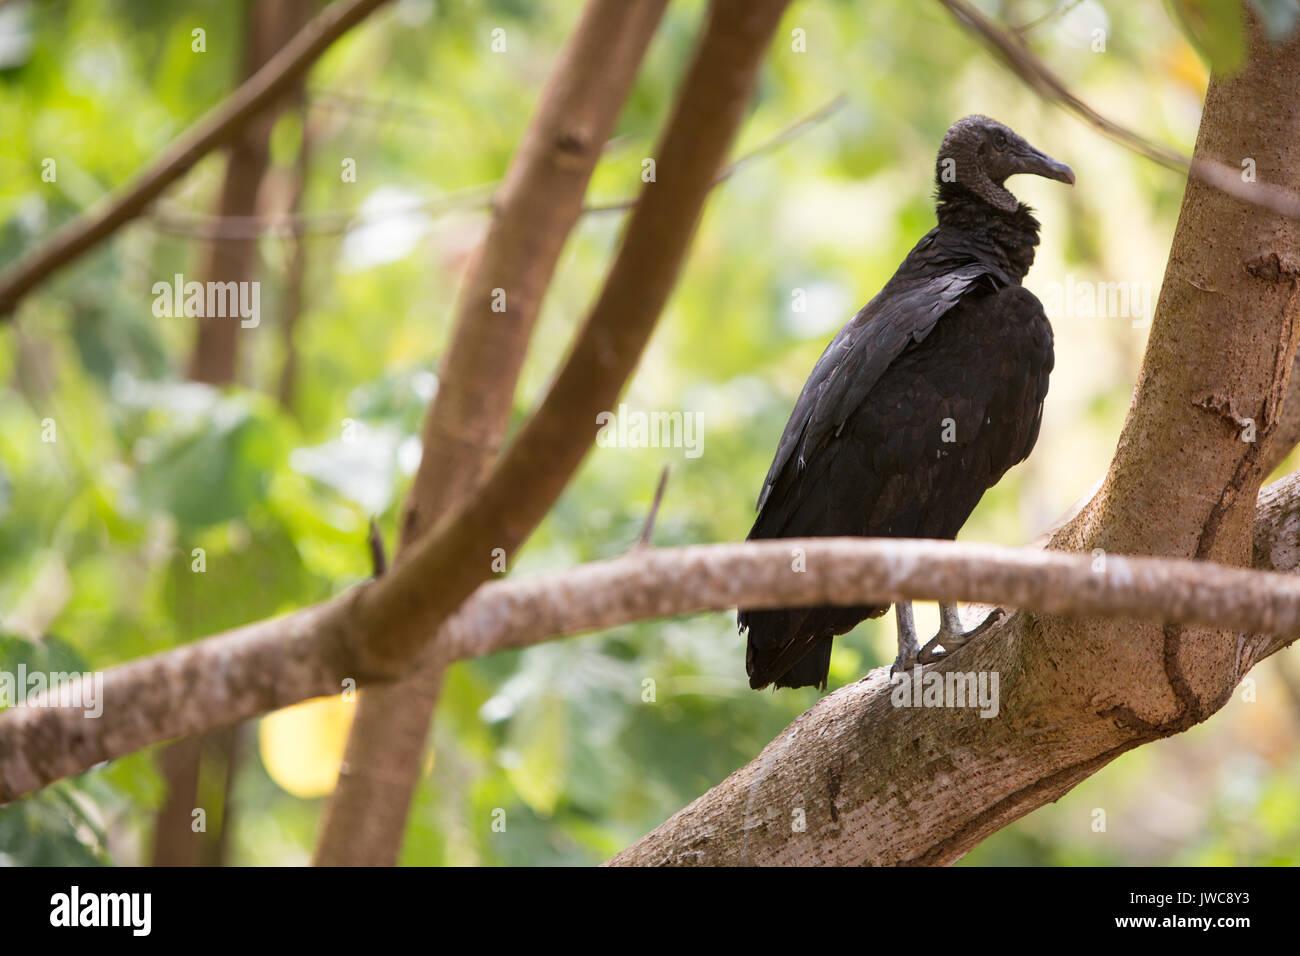 Dans le parc national de Coiba Isla,un vautour noir se trouve perché sur un membre de l'arbre. Photo Stock